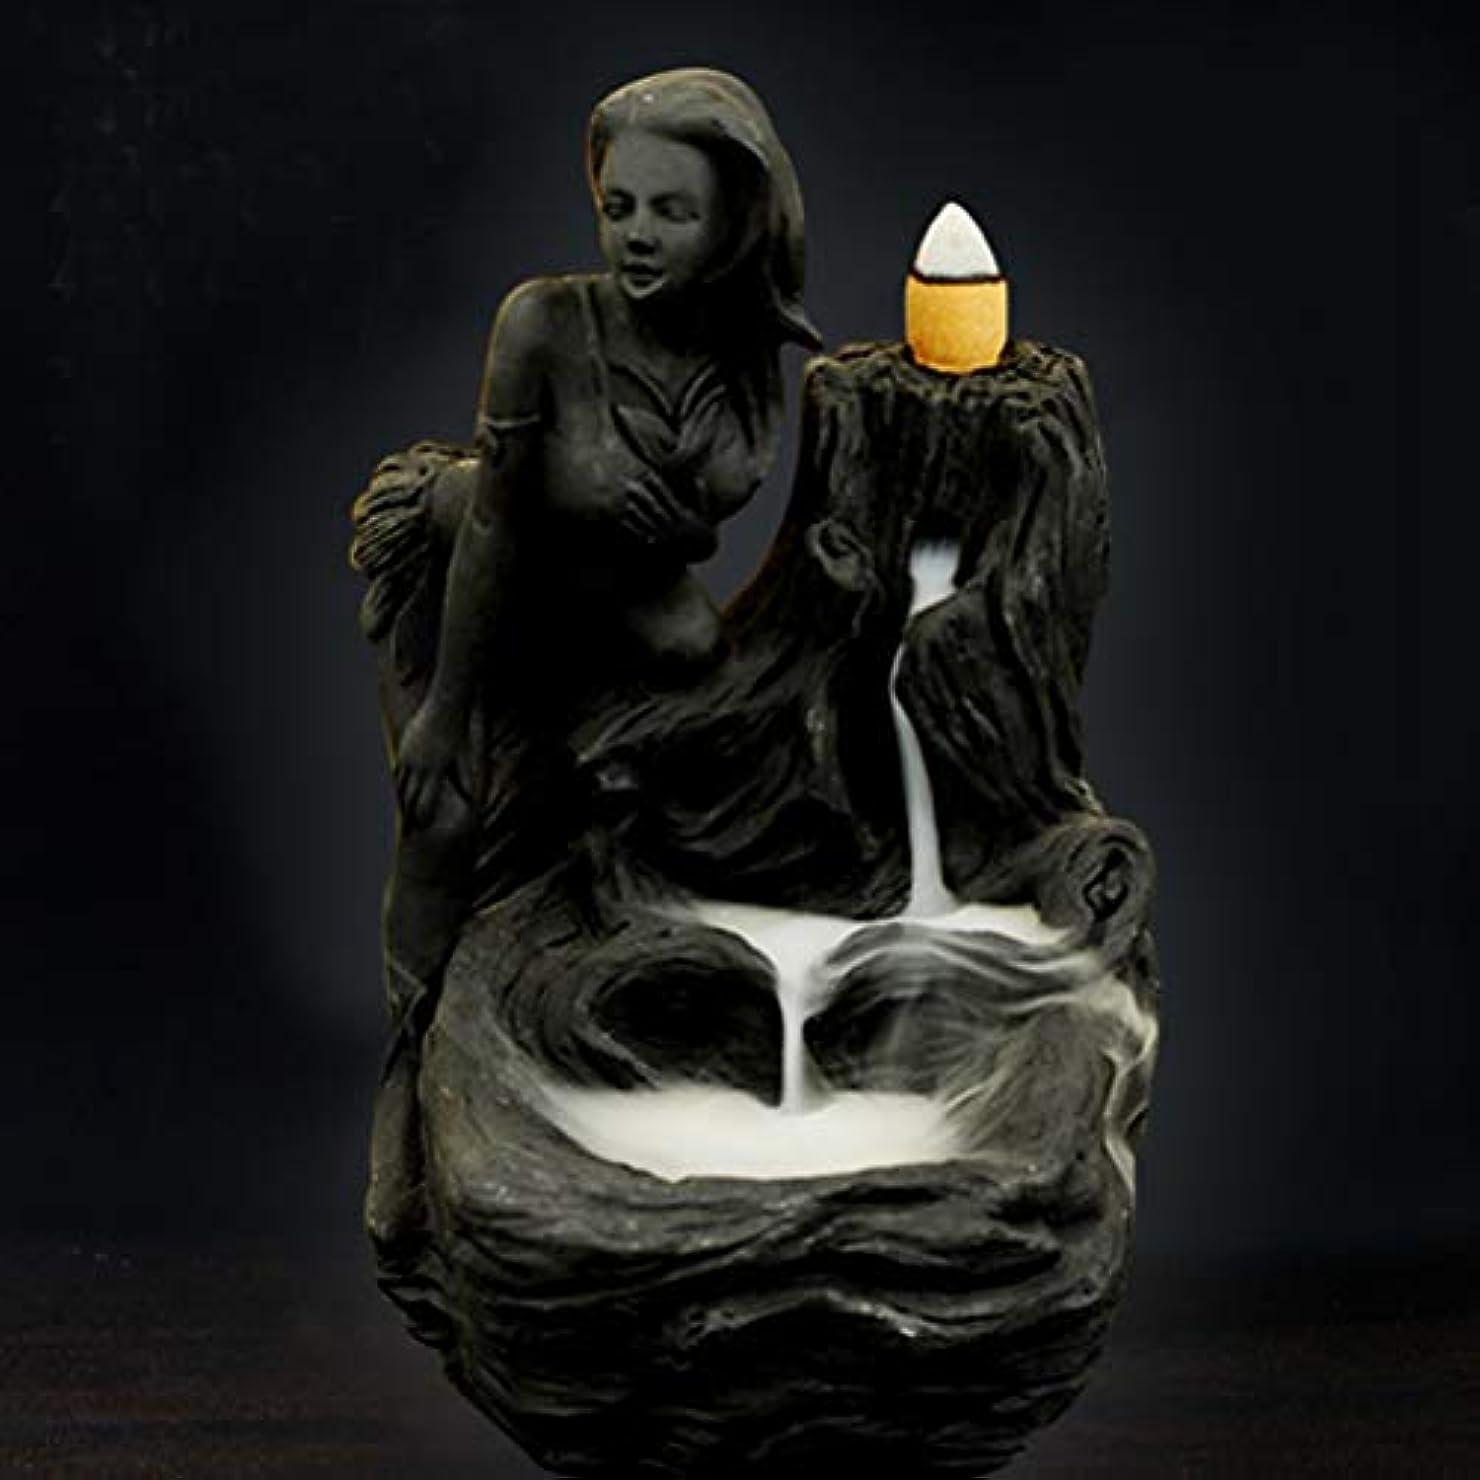 丁寧ポーズくそー女神香炉煙逆流タワー香炉香炉香炉ホルダー香炉ホームデコレーション